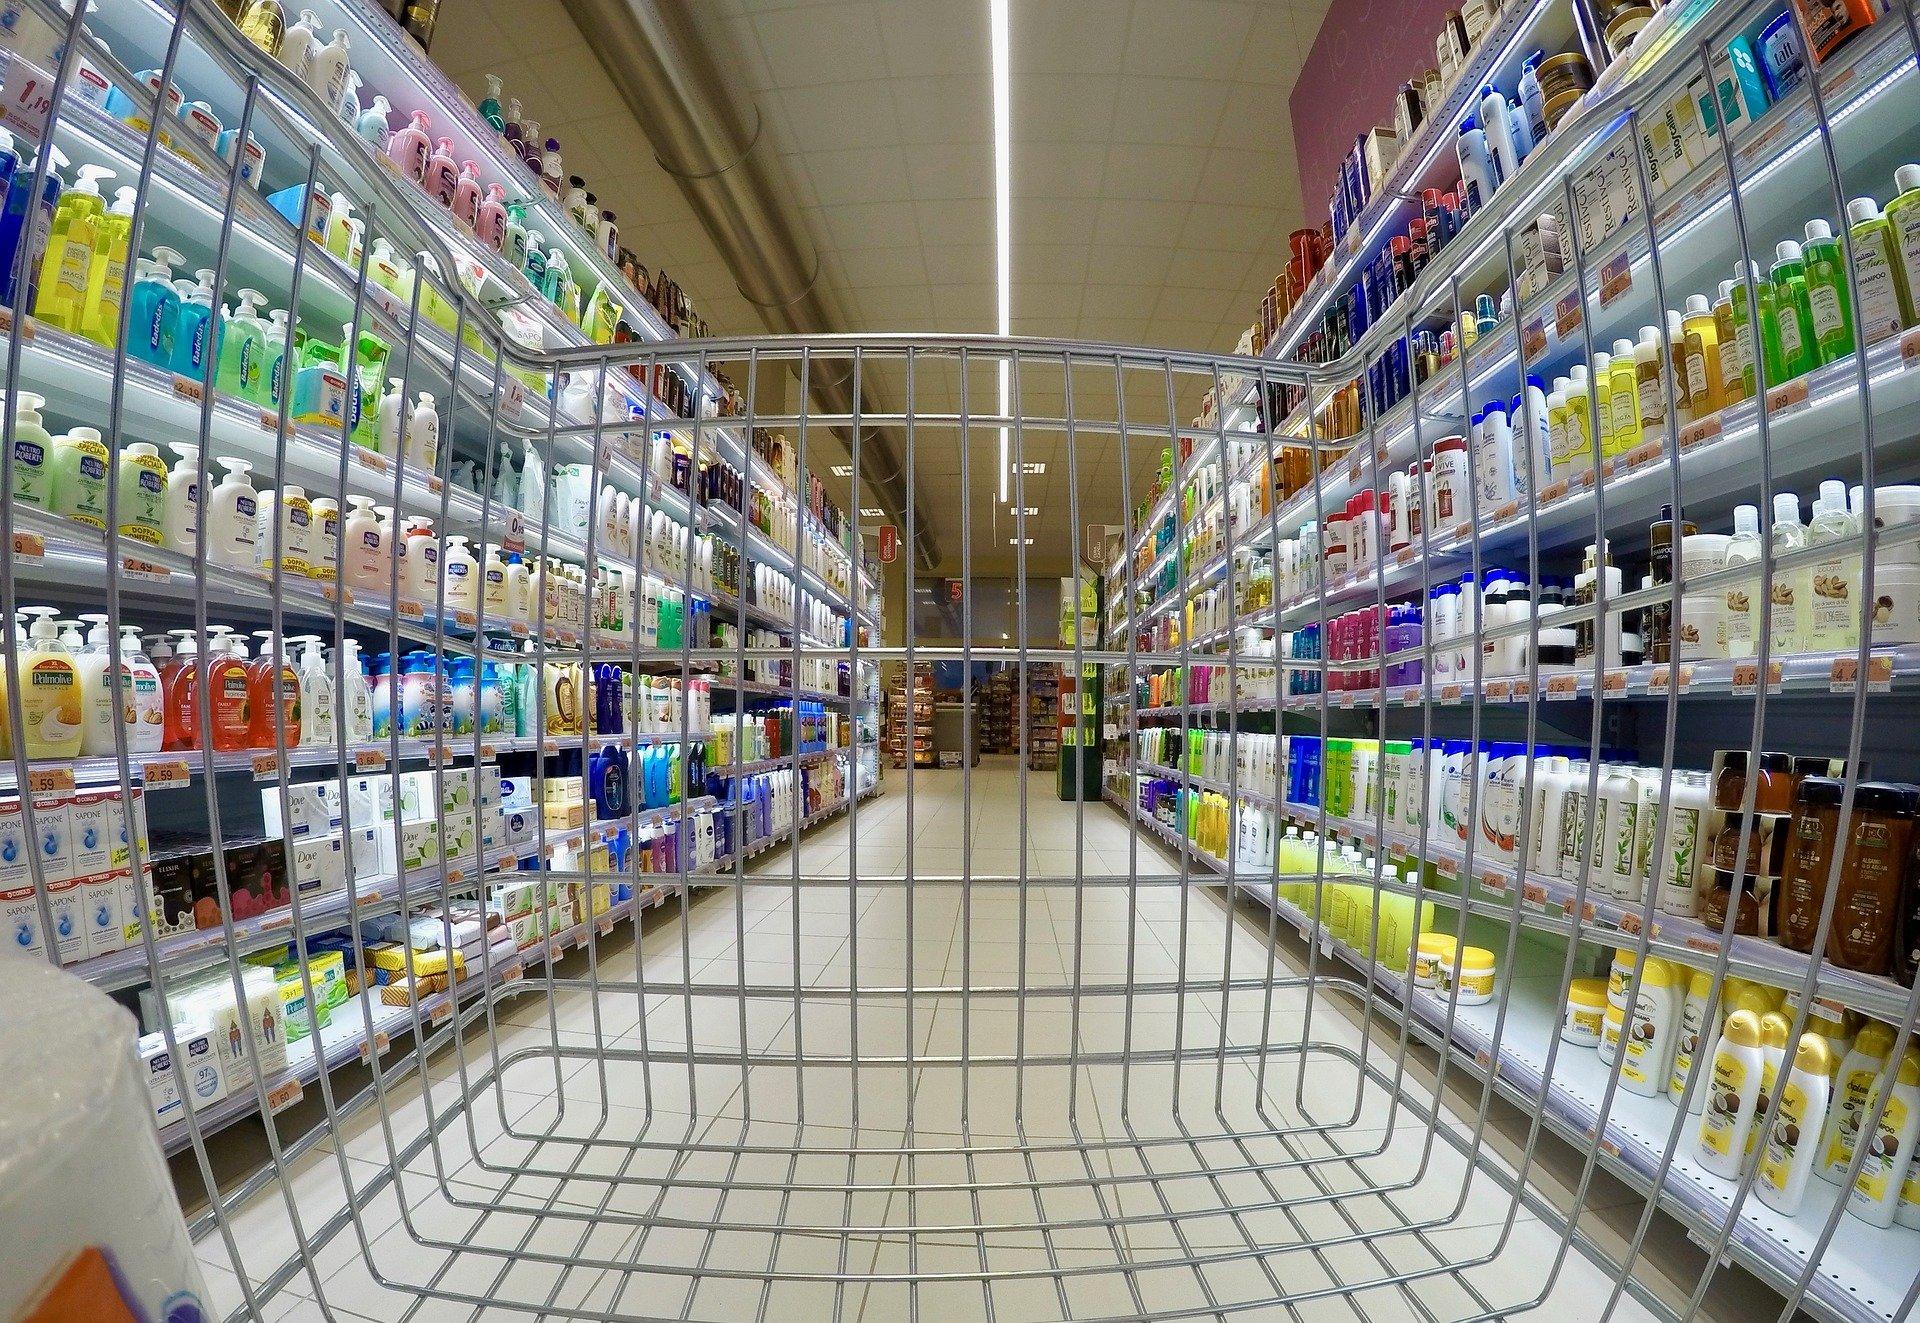 Κορκίδης: Ανησυχία για τις ανατιμήσεις στα βασικά αγαθά – Πρόταση να μειωθεί ο ΦΠΑ στο 6%